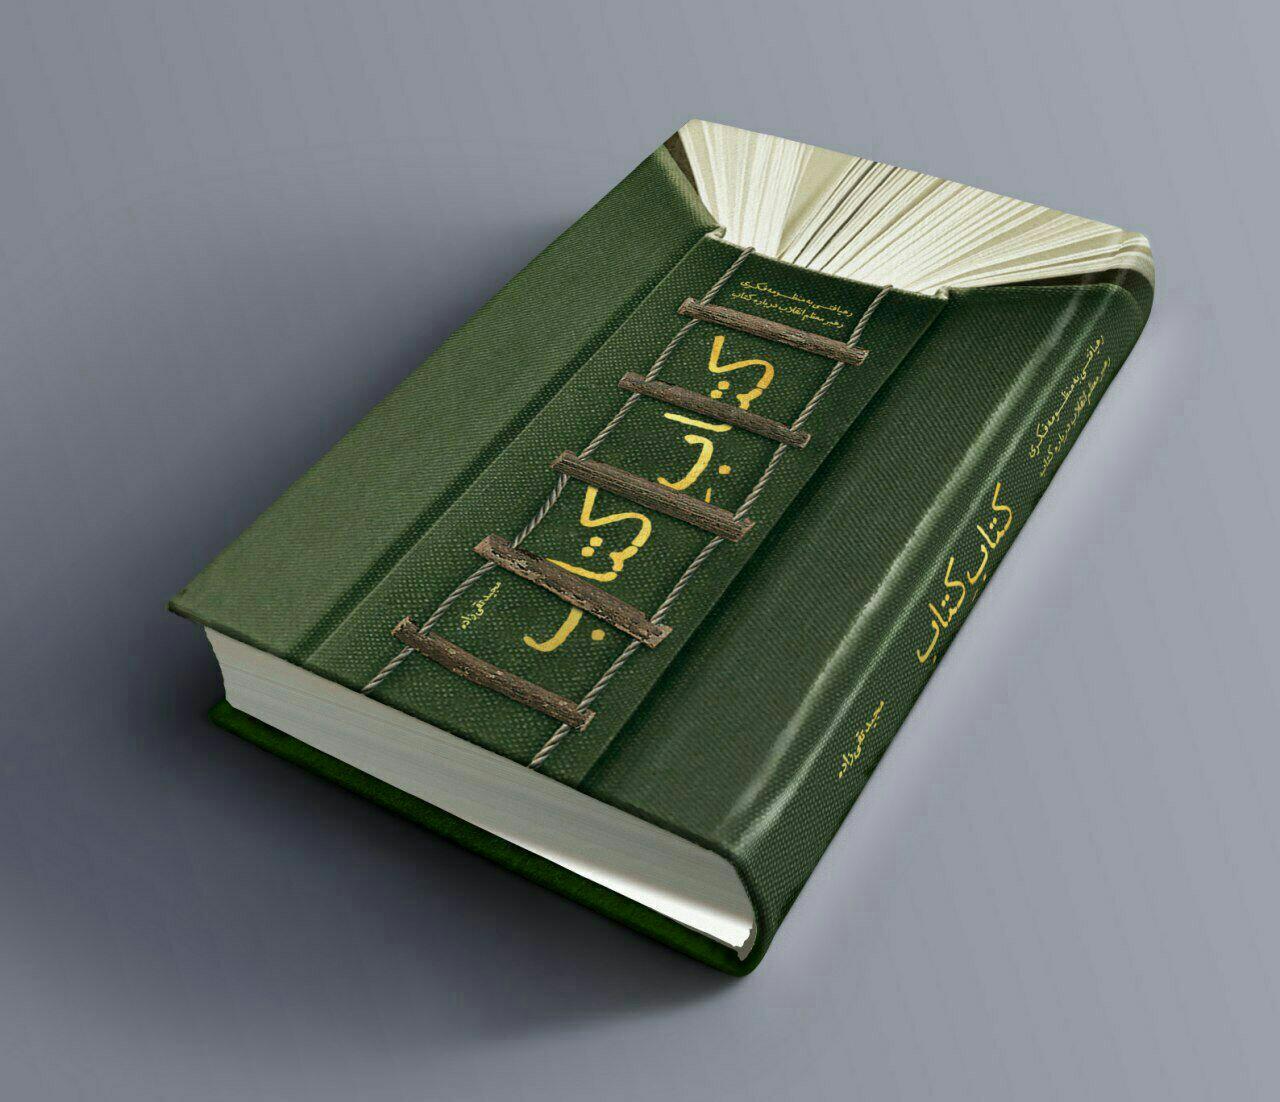 «كتابِ كتاب»؛ دیدگاههای یک كتابخوان حرفهای